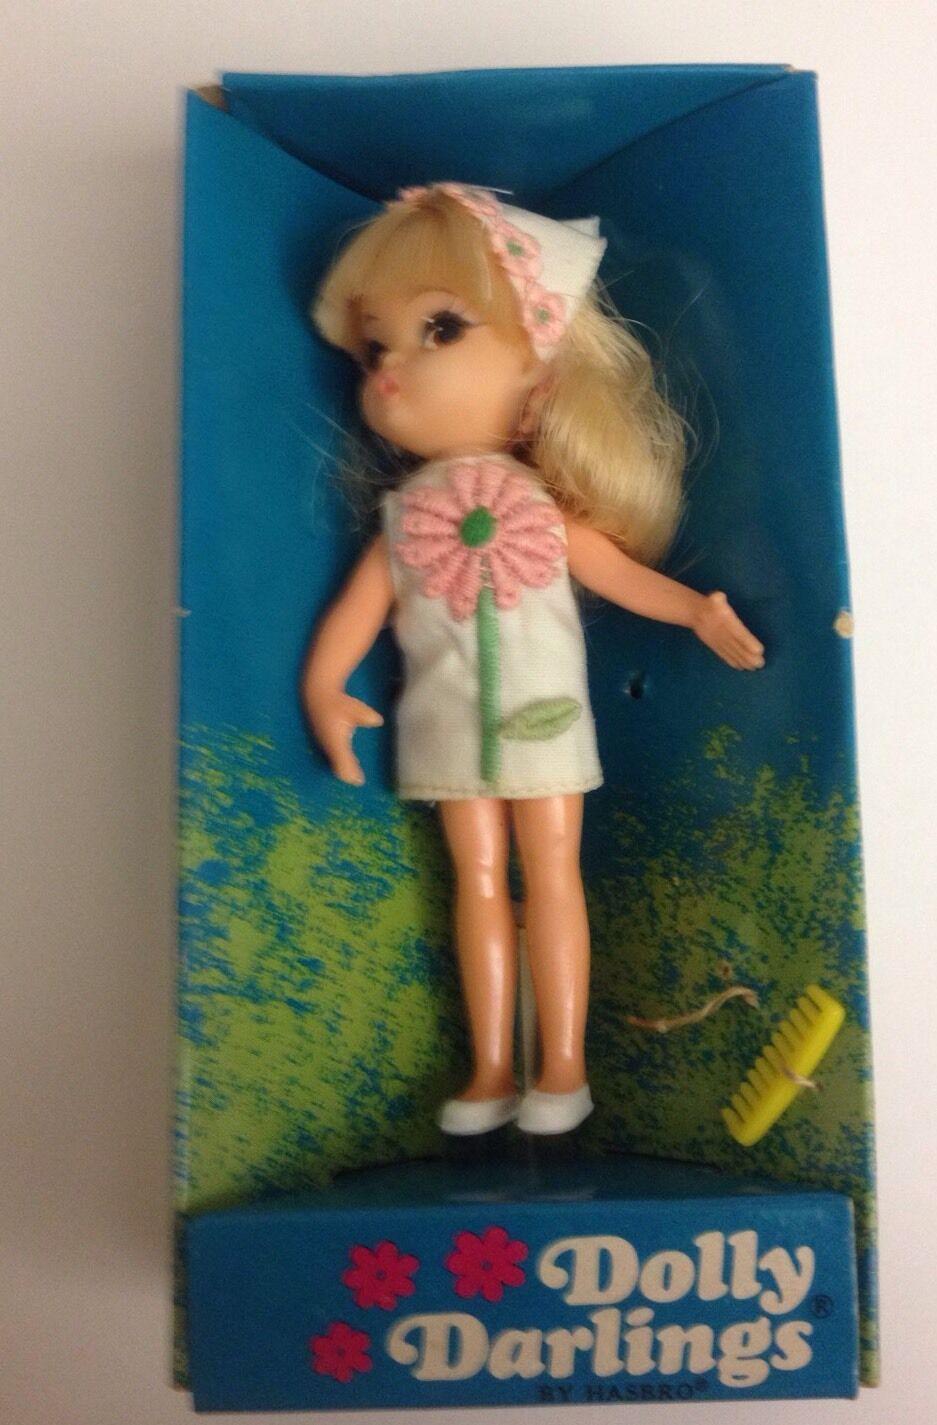 Hasbro Dolly Darlings día soleado Muñeca Traje Vestido blancoo con Flor rosado Muy Raro